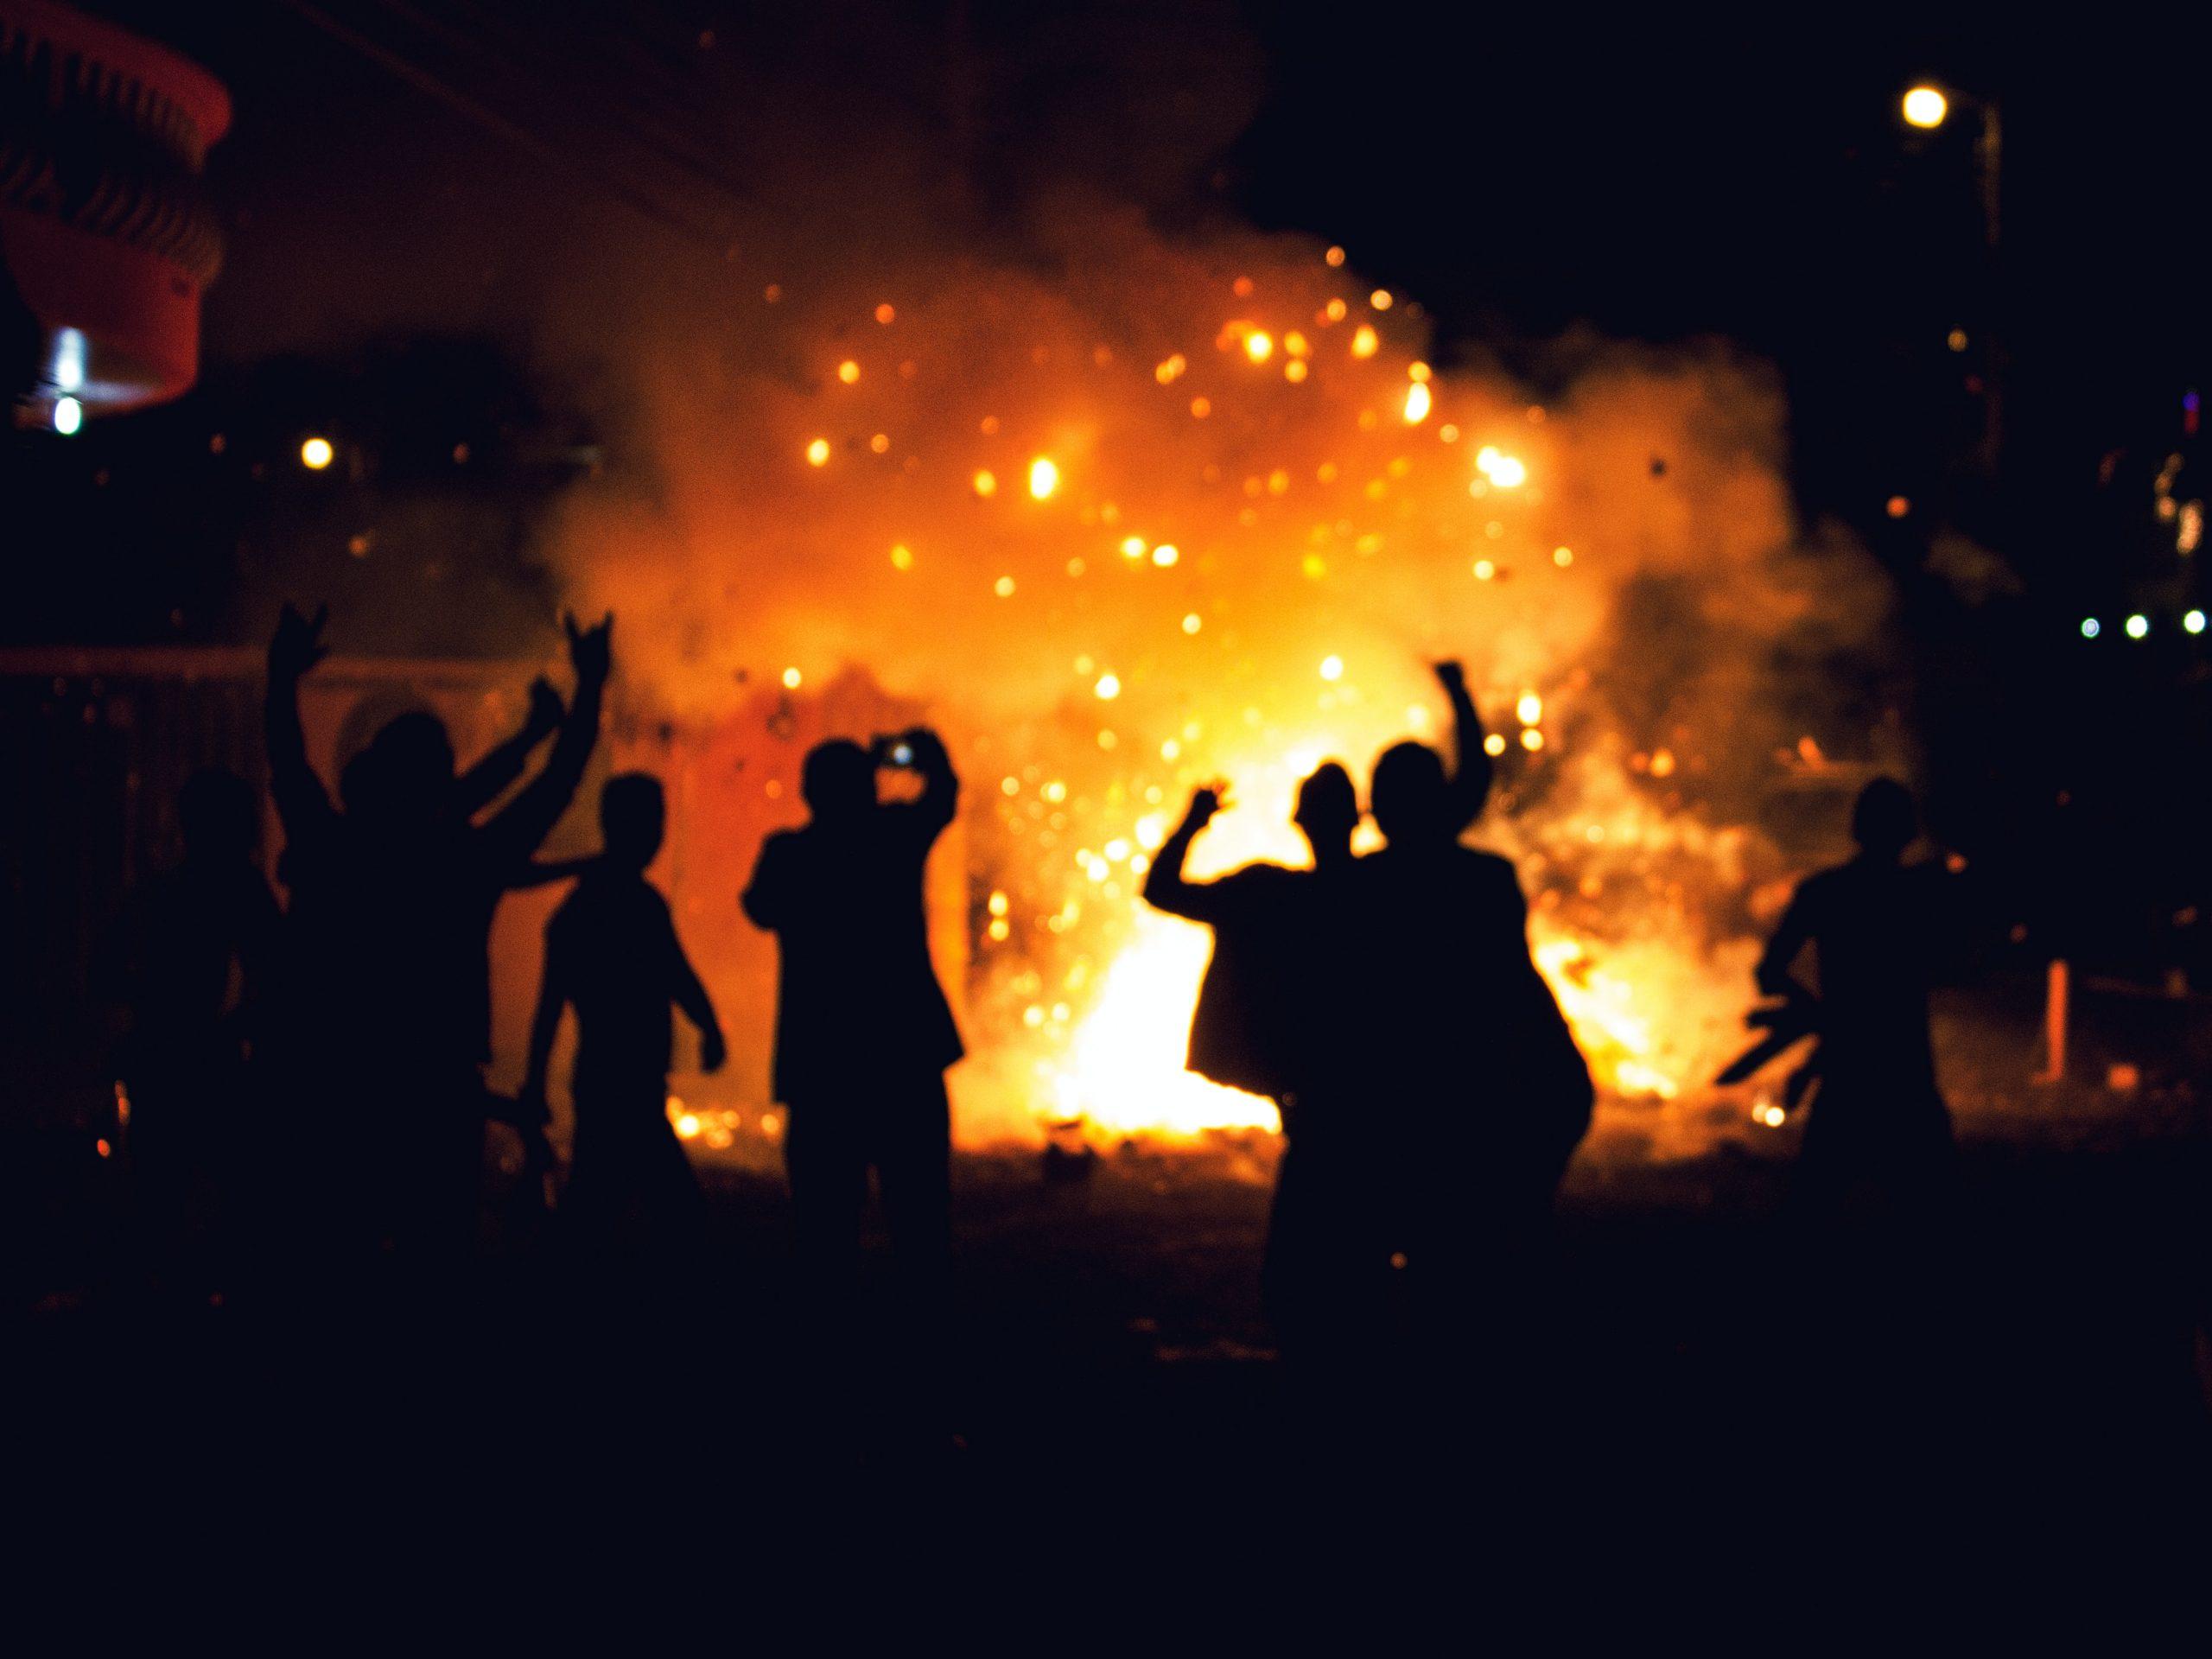 Emeutes à Bruxelles : Reprendre le contrôle des quartiers, soutenir les forces de l'ordre